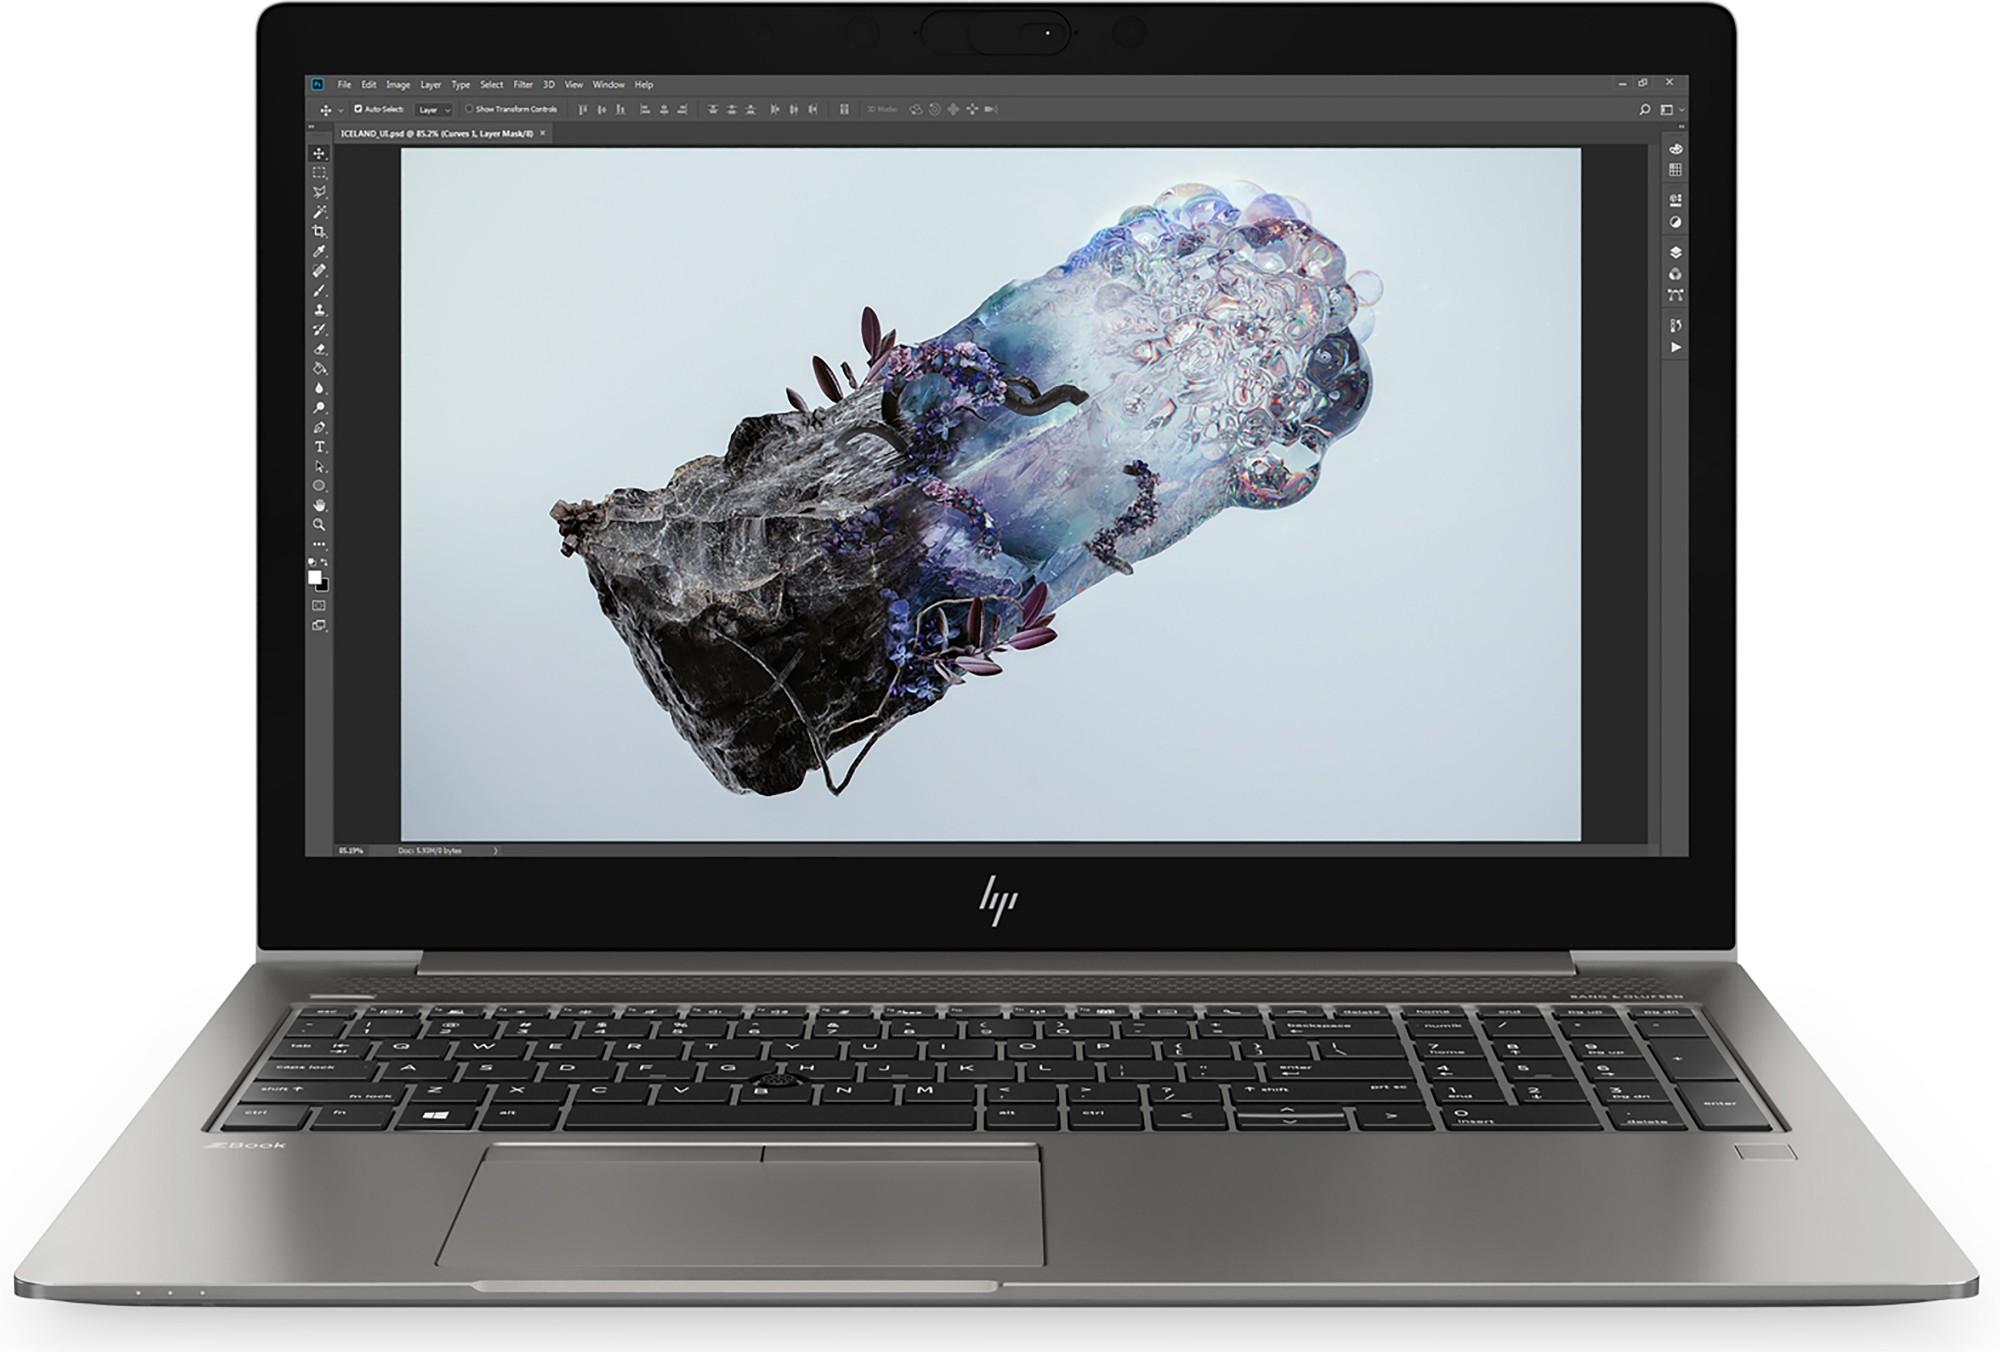 HP ZBook Staţie grafică mobilă 15u G6 Mobile workstation 39.6 cm (15.6